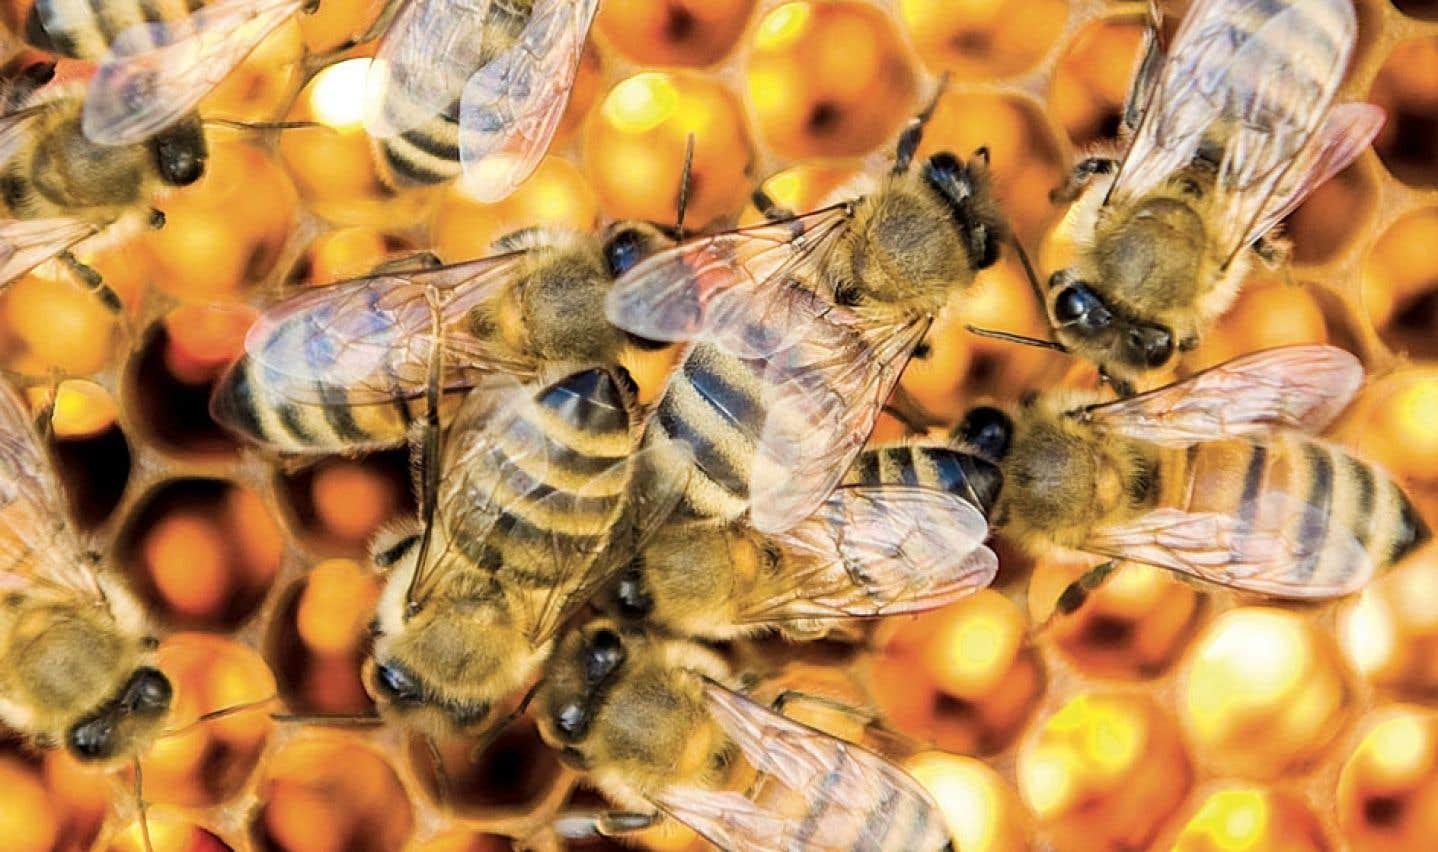 Les pesticides néonicotinoïdes, ennemis de la biodiversité?